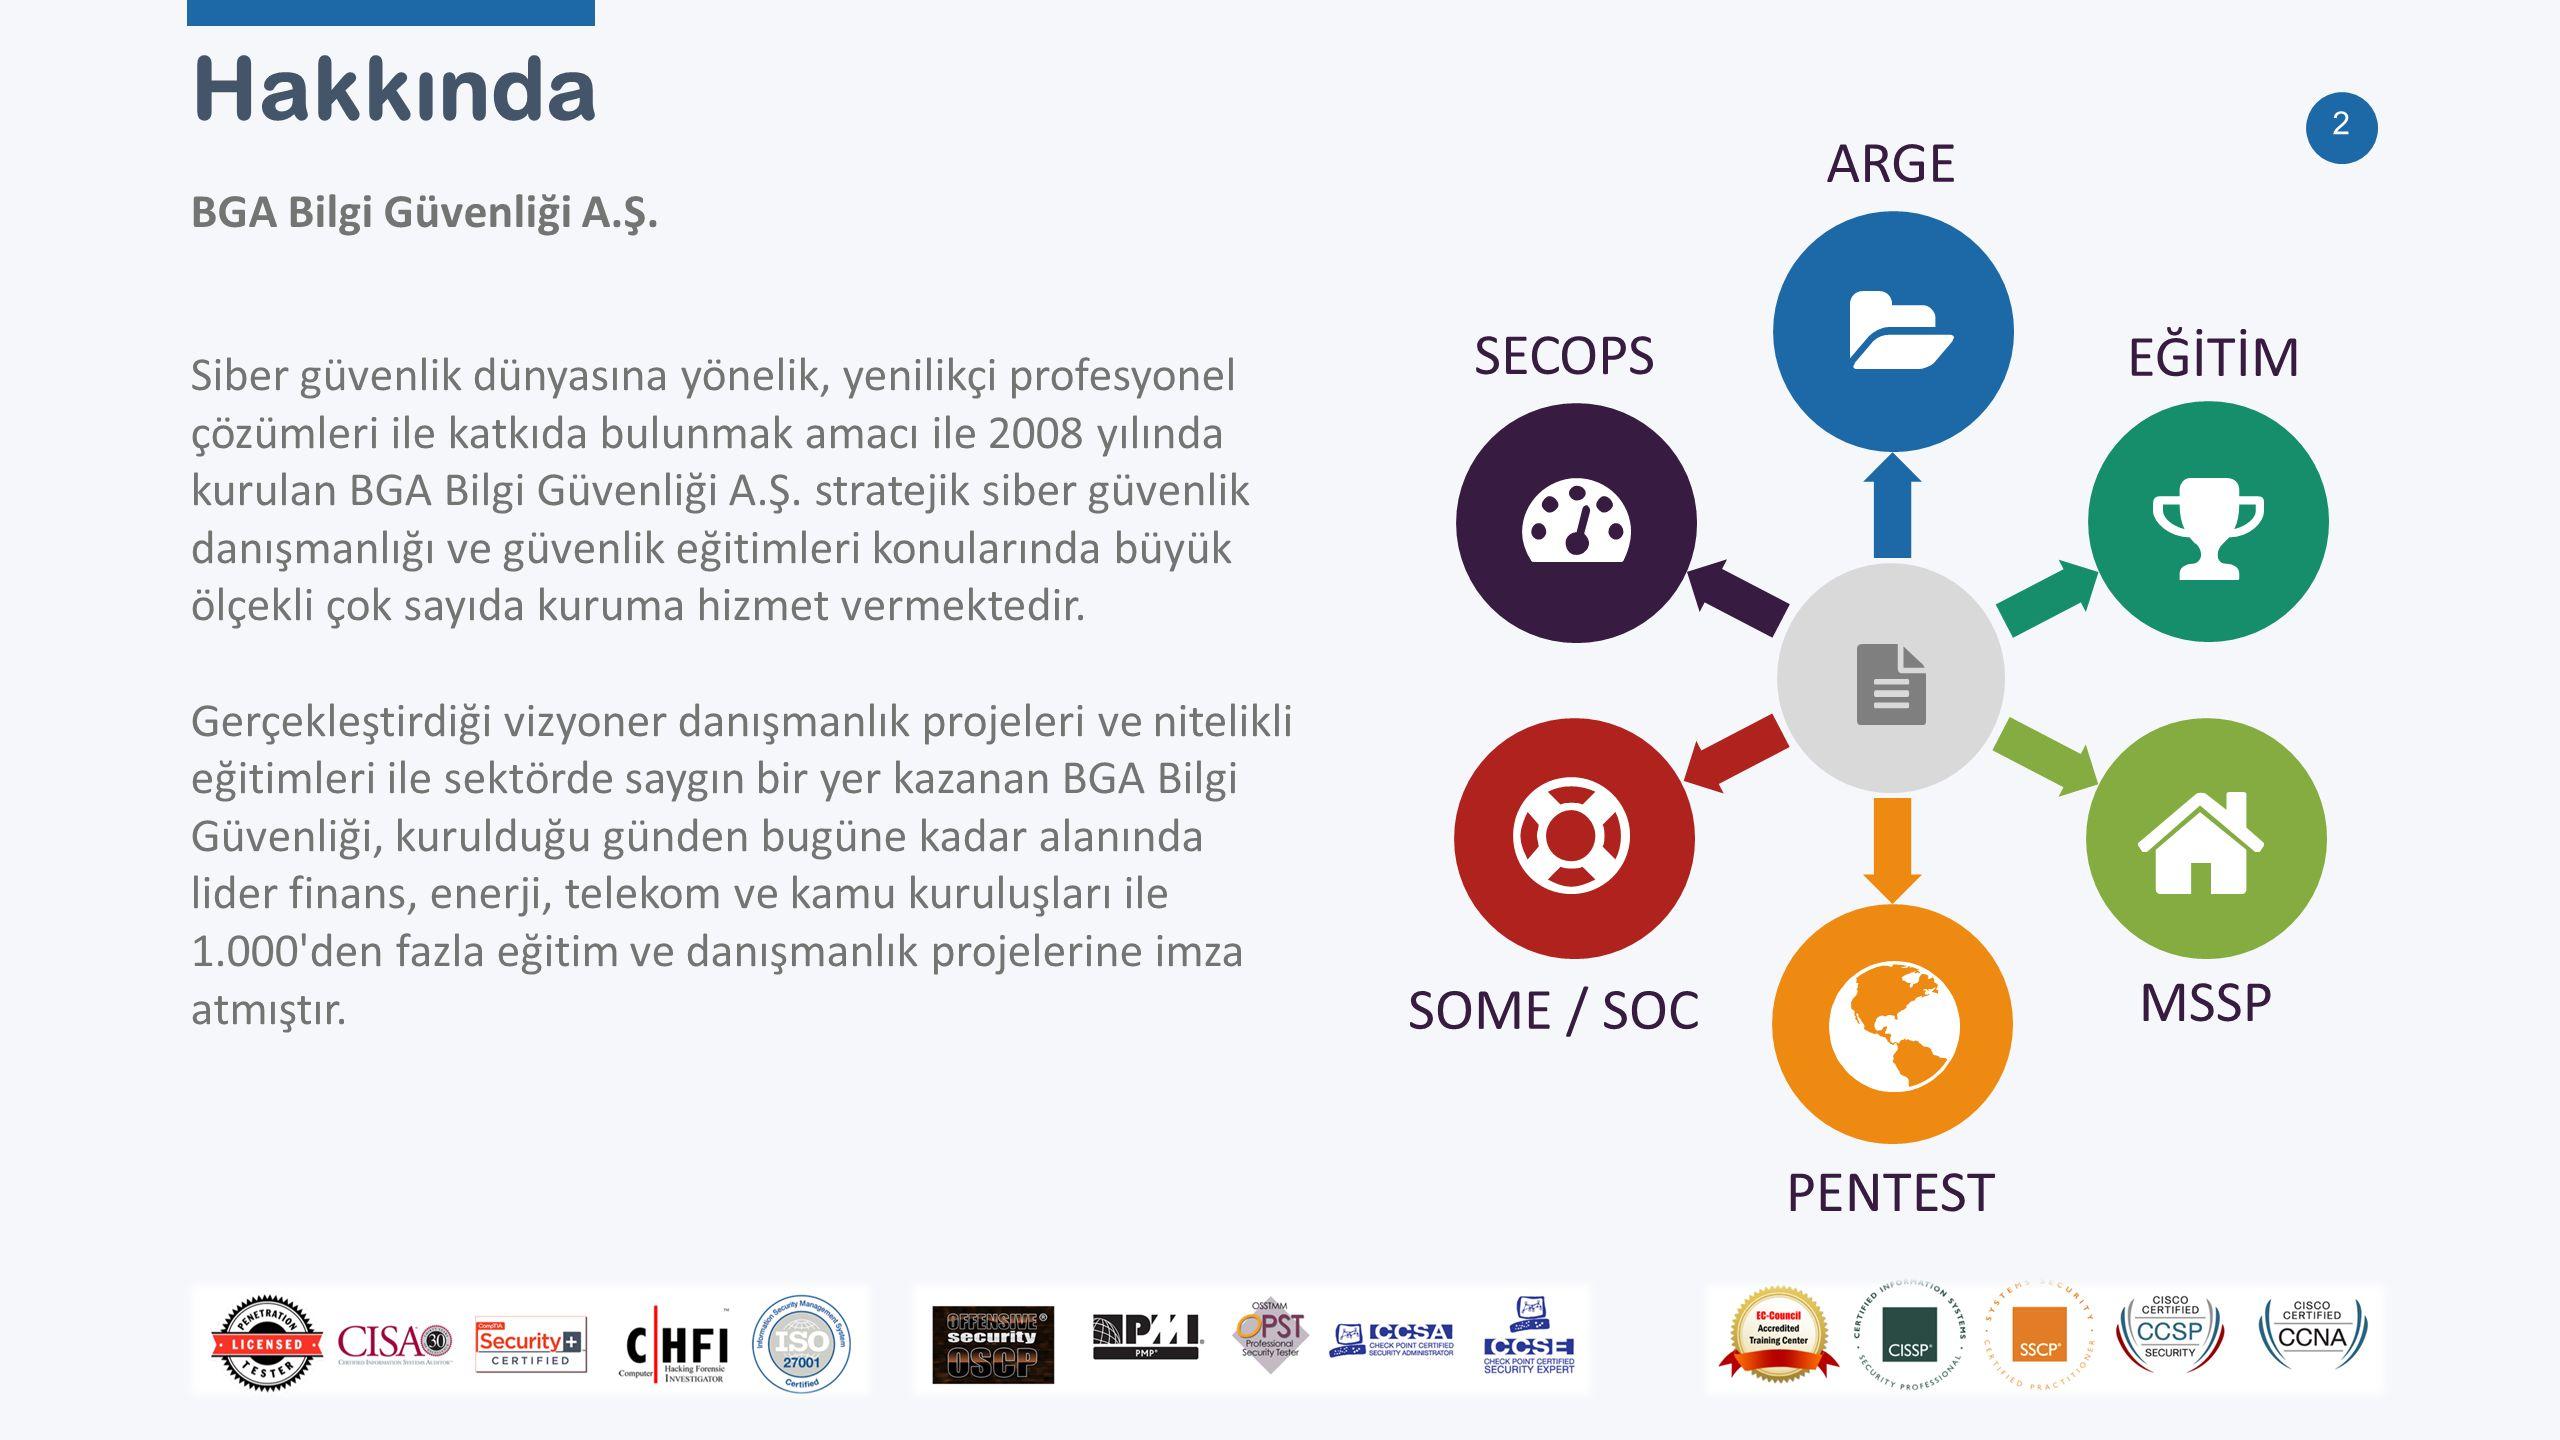 3 BGA Bilgi Güvenliği A.Ş.